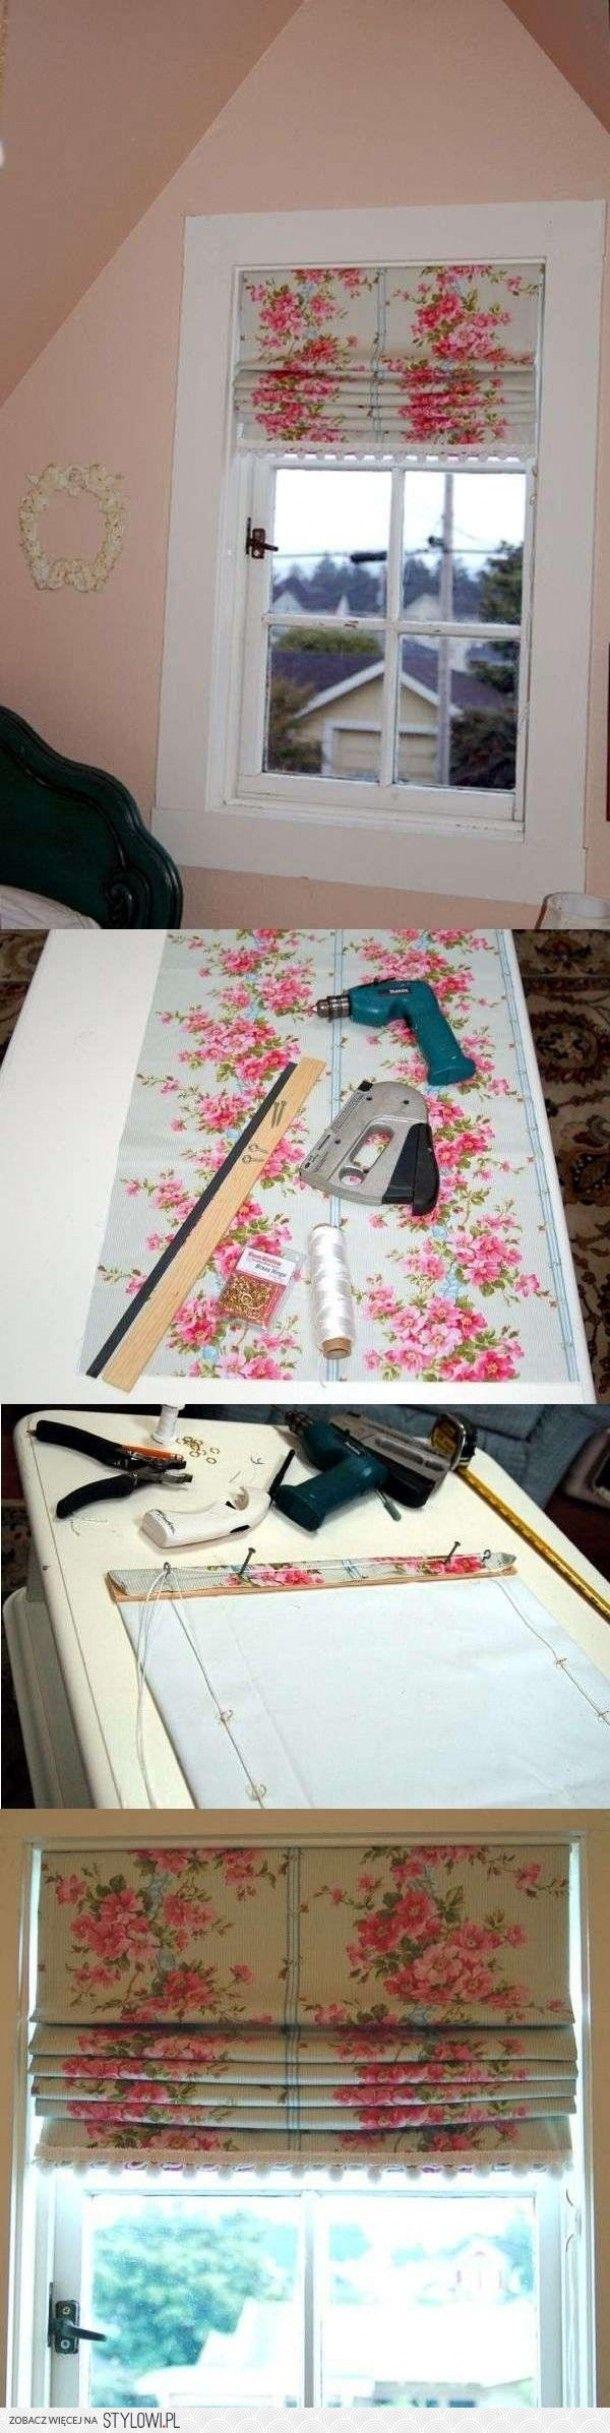 Zó maak je zelf een ophaalgordijn! Foto=tutorial! Door mathilde.mathilde.39